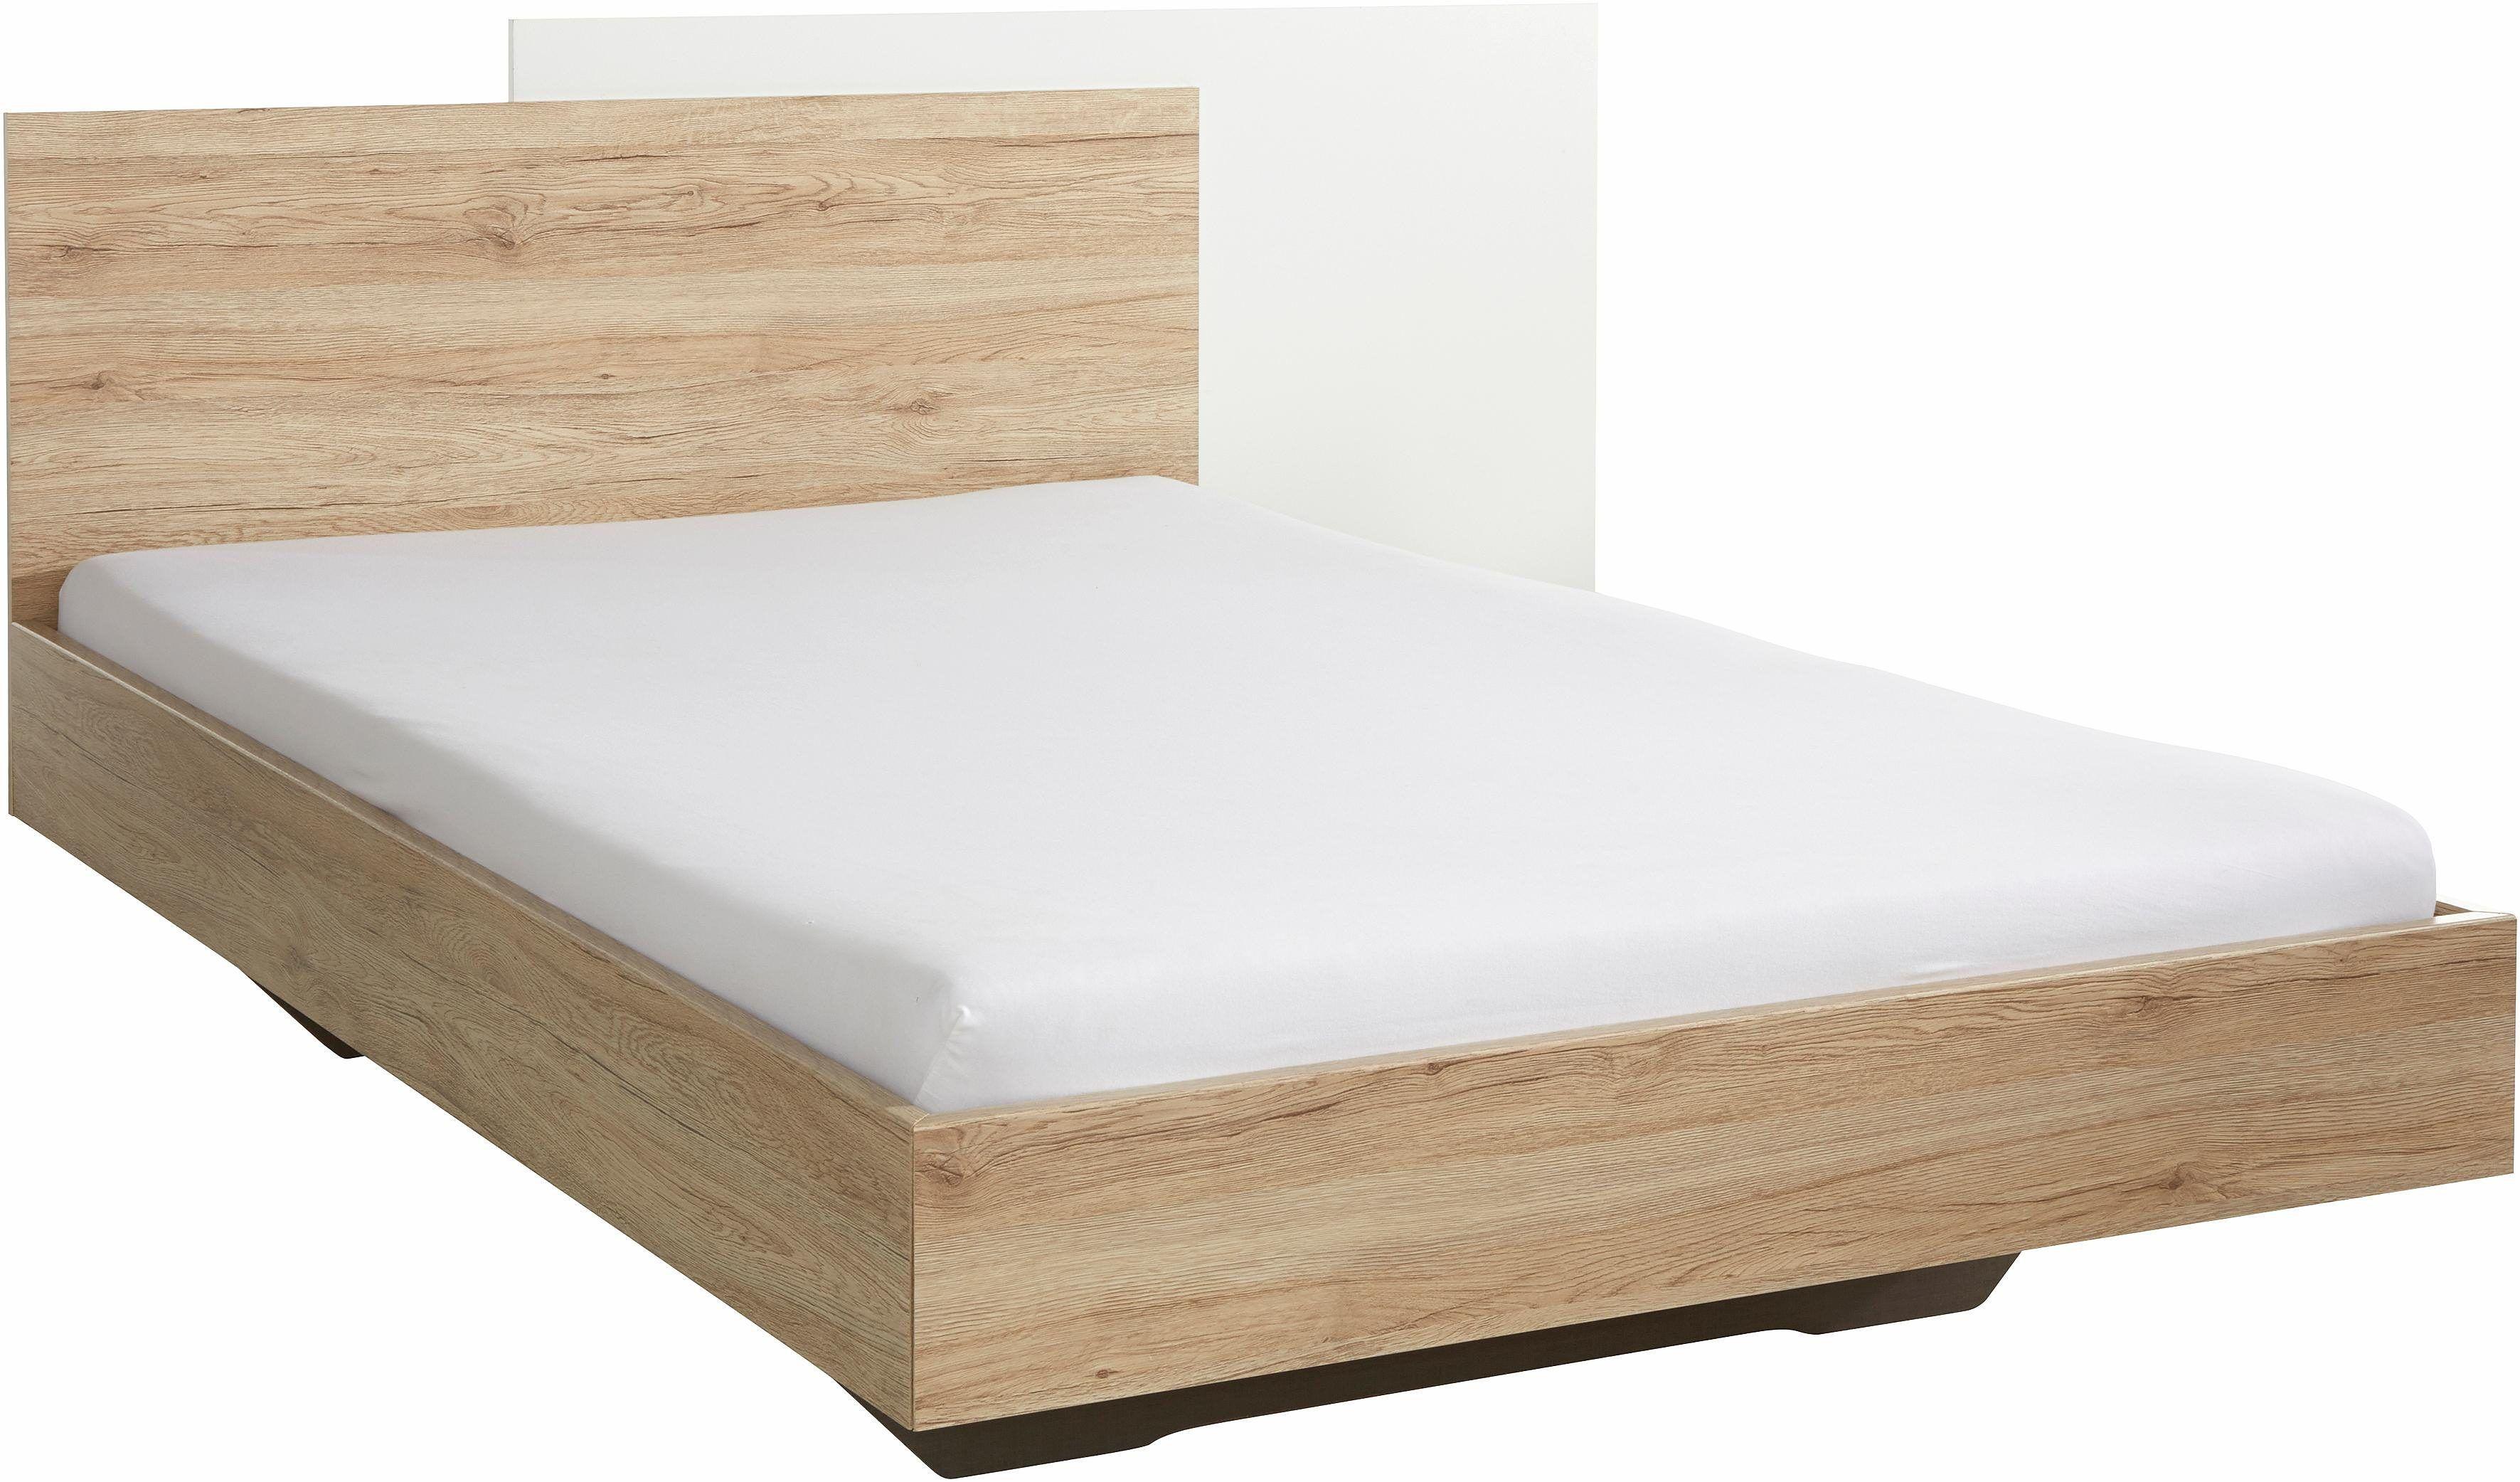 Rauch Babyzimmer ~ Rauch futon beige 140 200cm jetzt bestellen unter: https: moebel